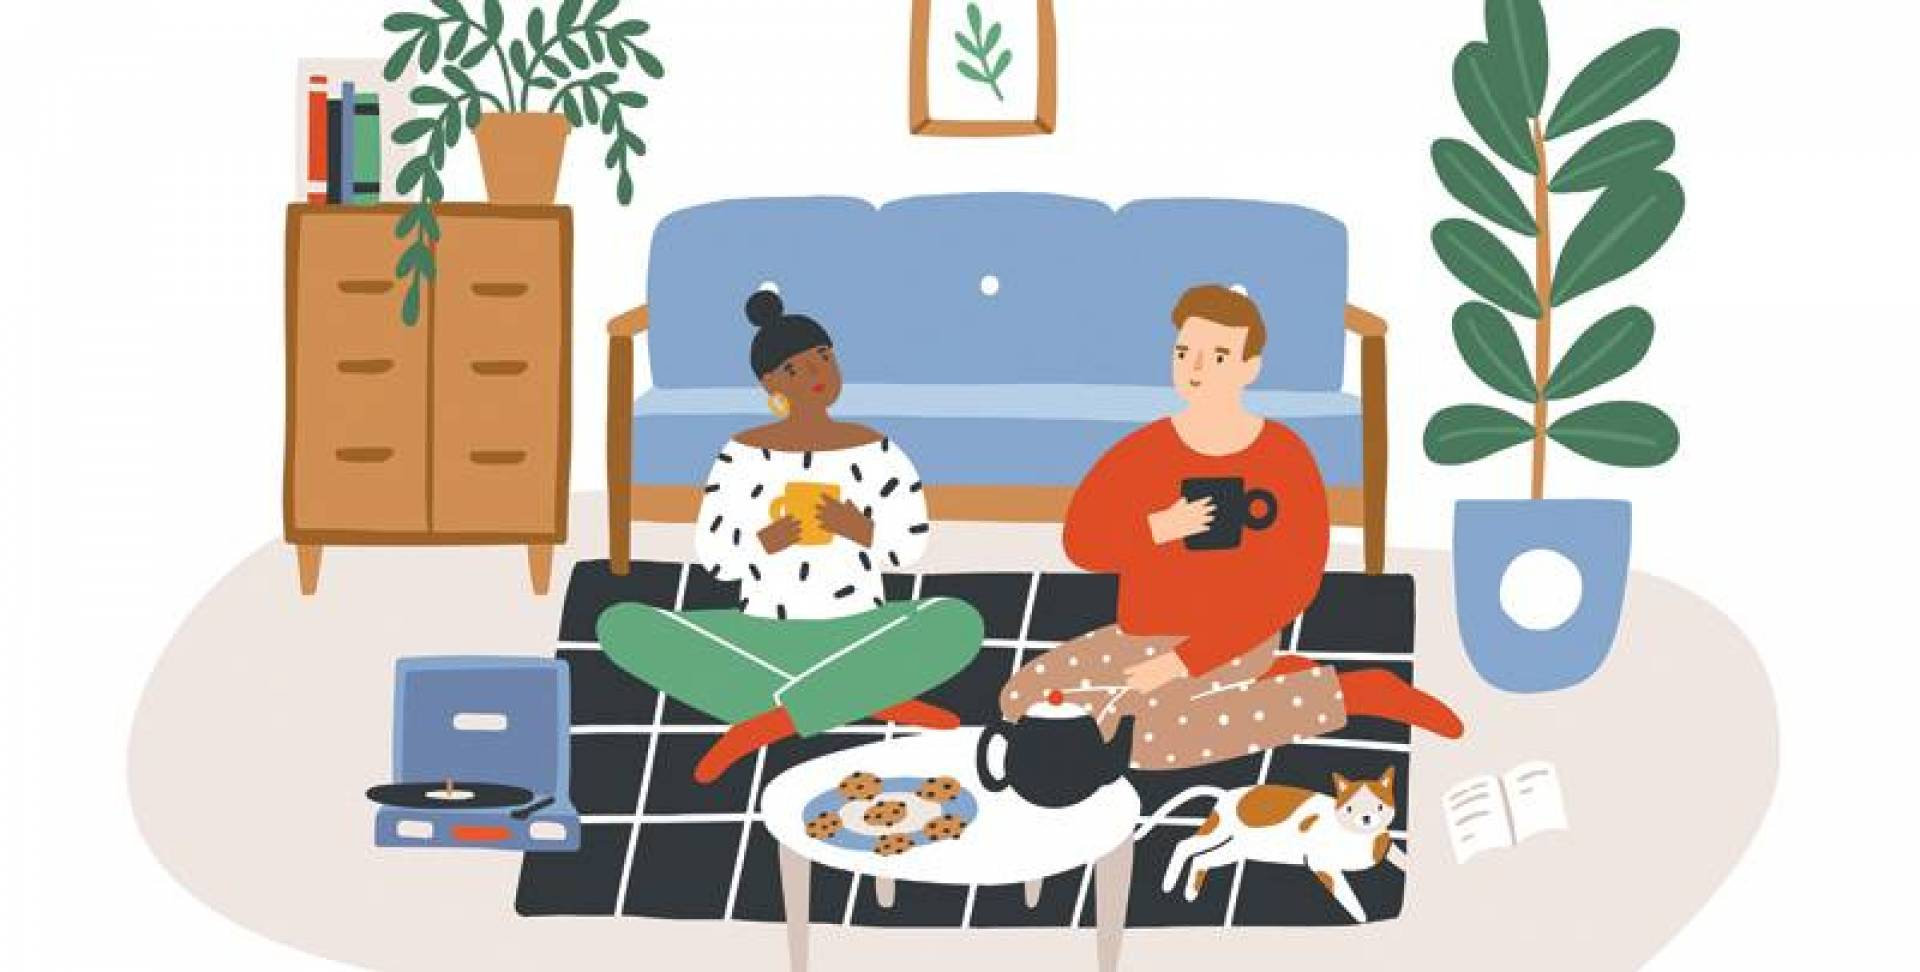 7 نصائح للسيطرة على شهيتك.. أثناء الحجر المنزلي